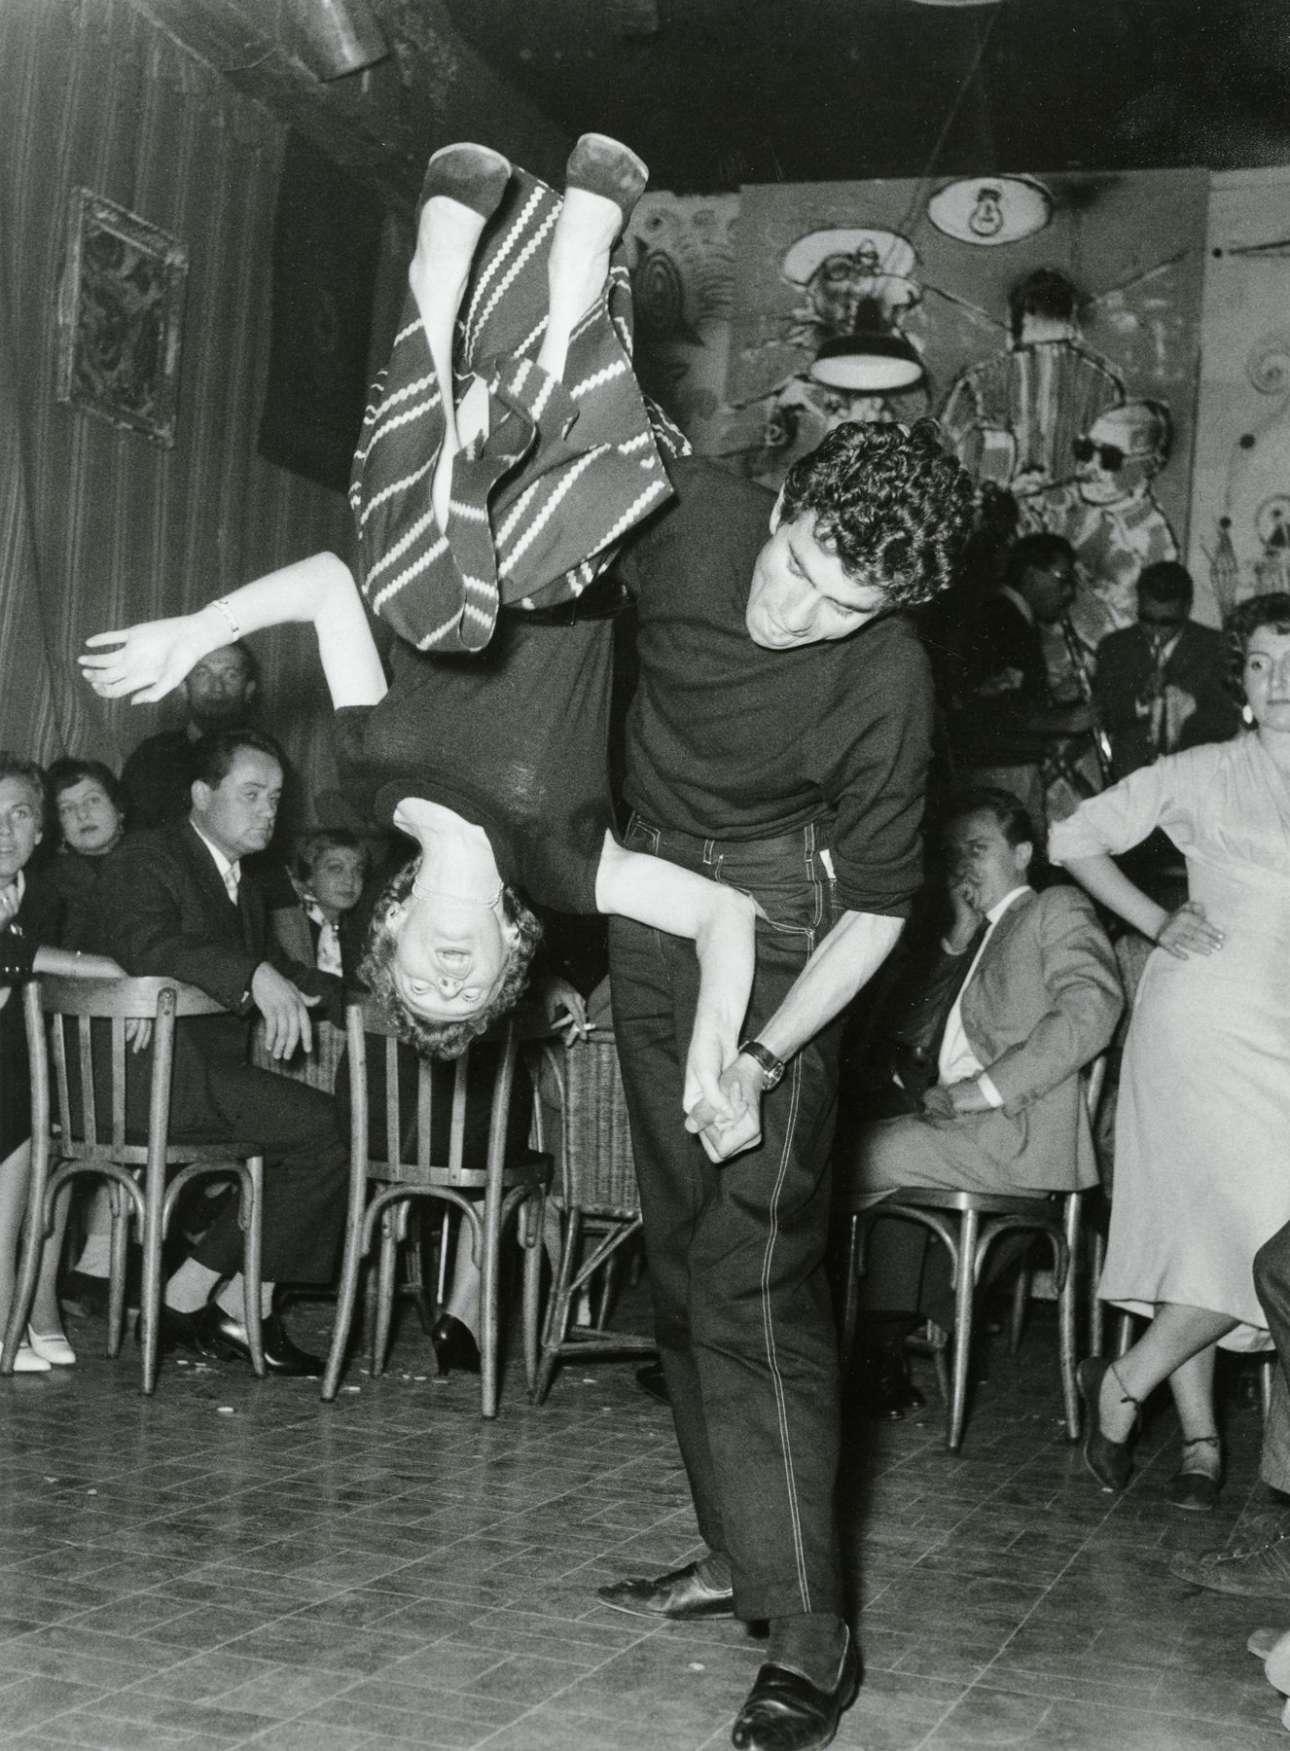 Μιλάνο 1954: στο θρυλικό μπαρ «Santa Tecla», δύο νέοι χορεύουν αμερικανόφερτη μπίμποπ (είδος της jazz που βρισκόταν στην άνθησή του τα χρόνια εκείνα), προκαλώντας τον θαυμασμό αλλά και την αμηχανία άλλων θαμώνων. Ενδιαφέρον έχει η ξύλινη καρέκλα